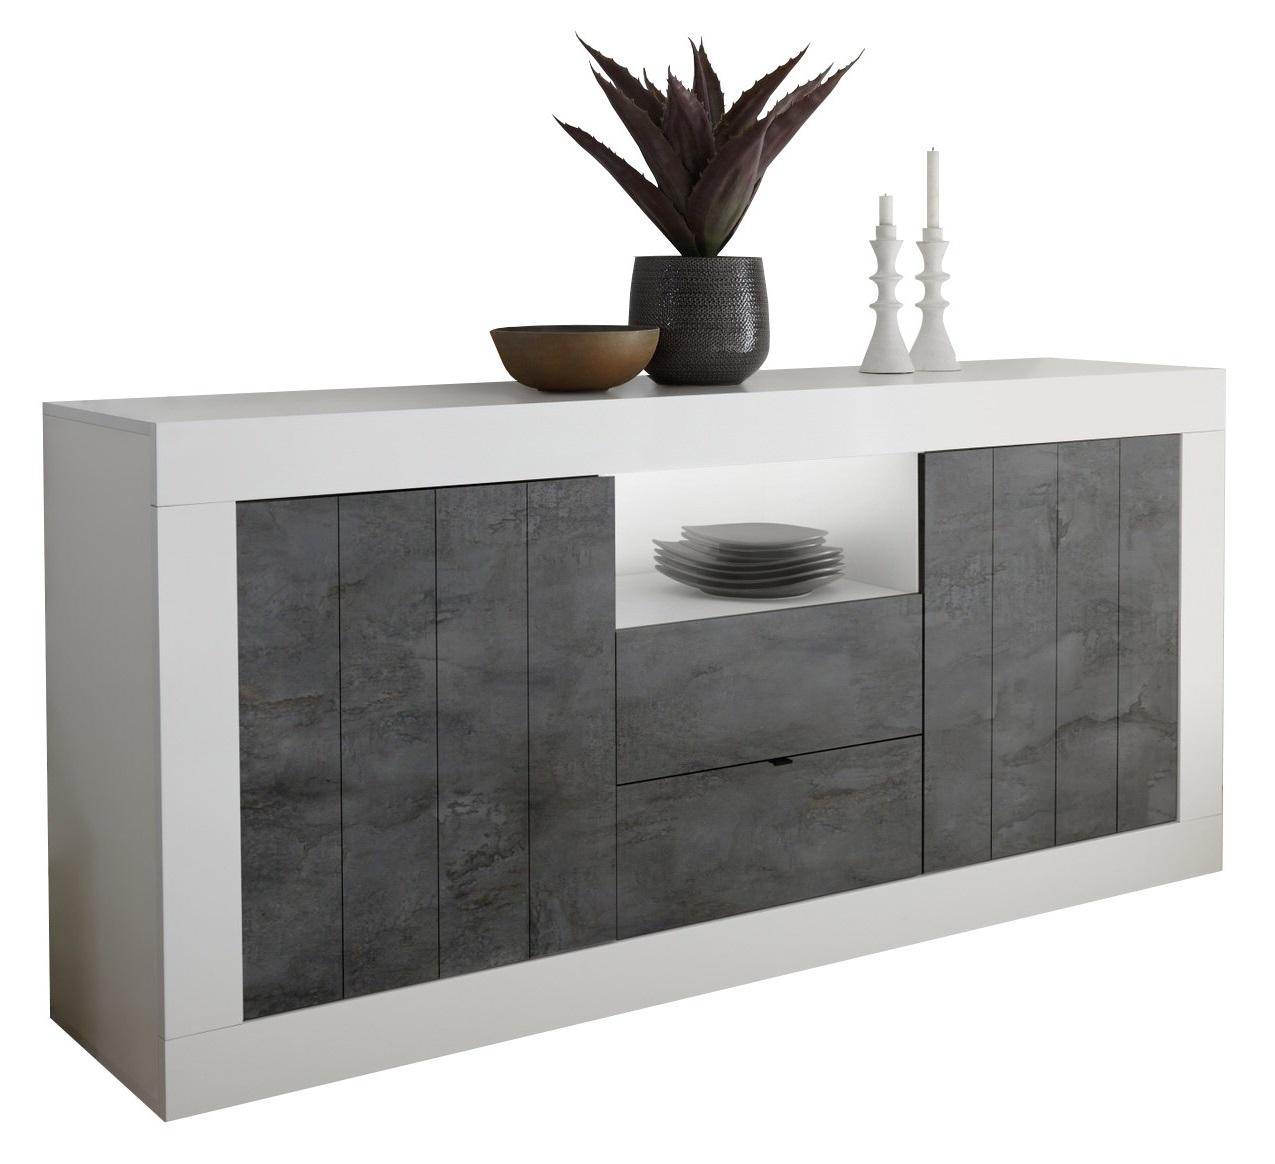 Dressoir Urbino 184 cm breed in hoogglans wit met Oxid